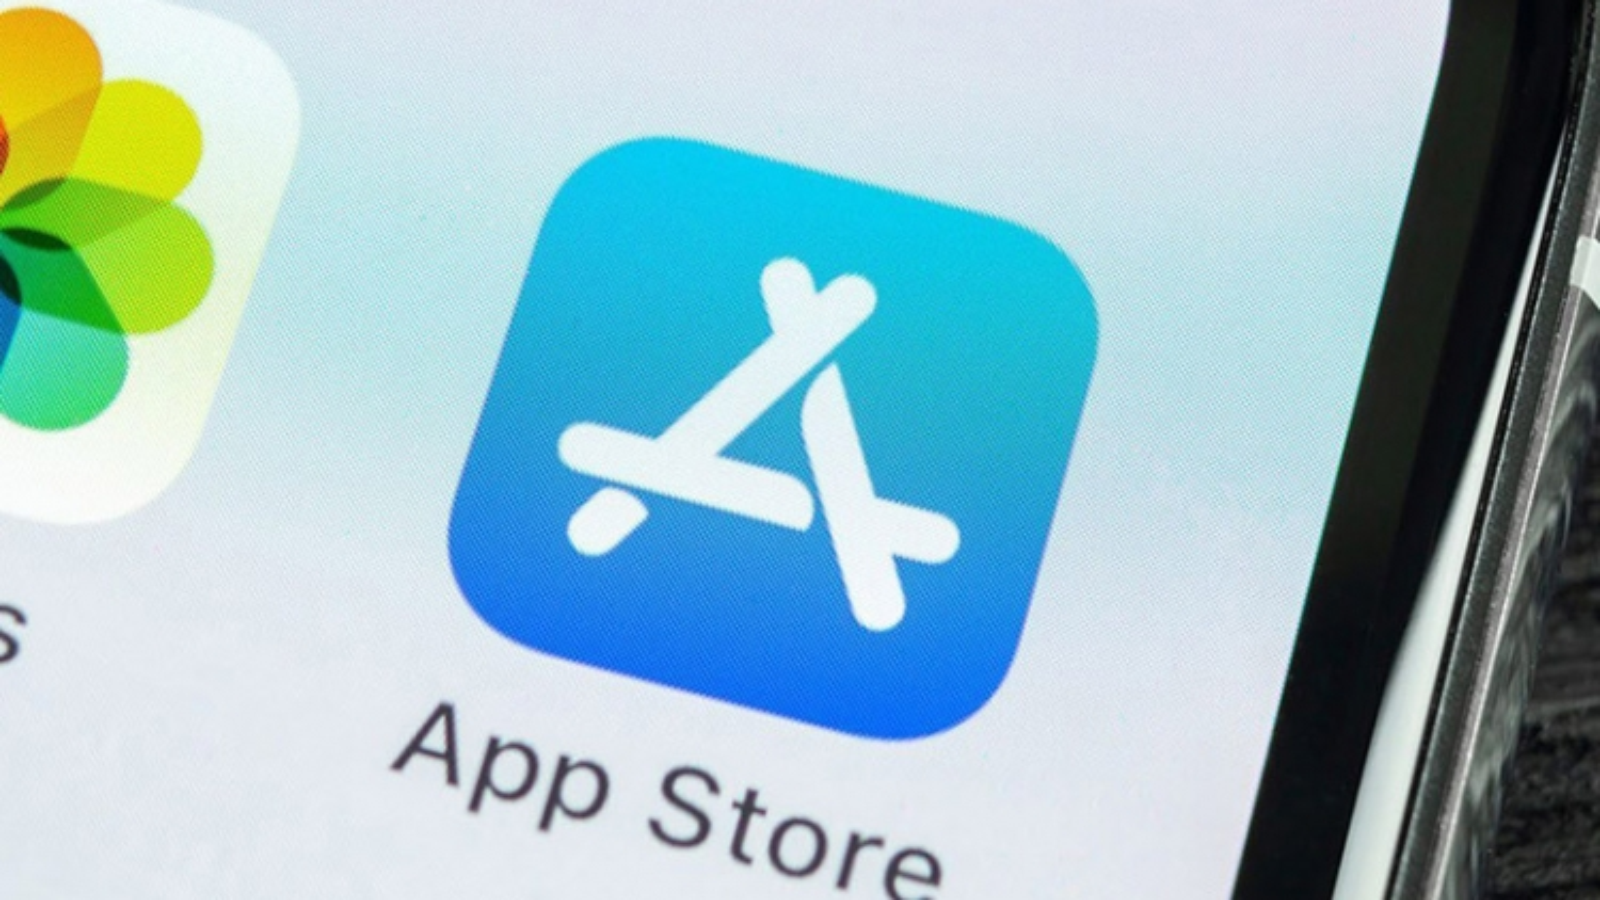 Apple App Store bị tố xếp hạng ứng dụng giả mạo